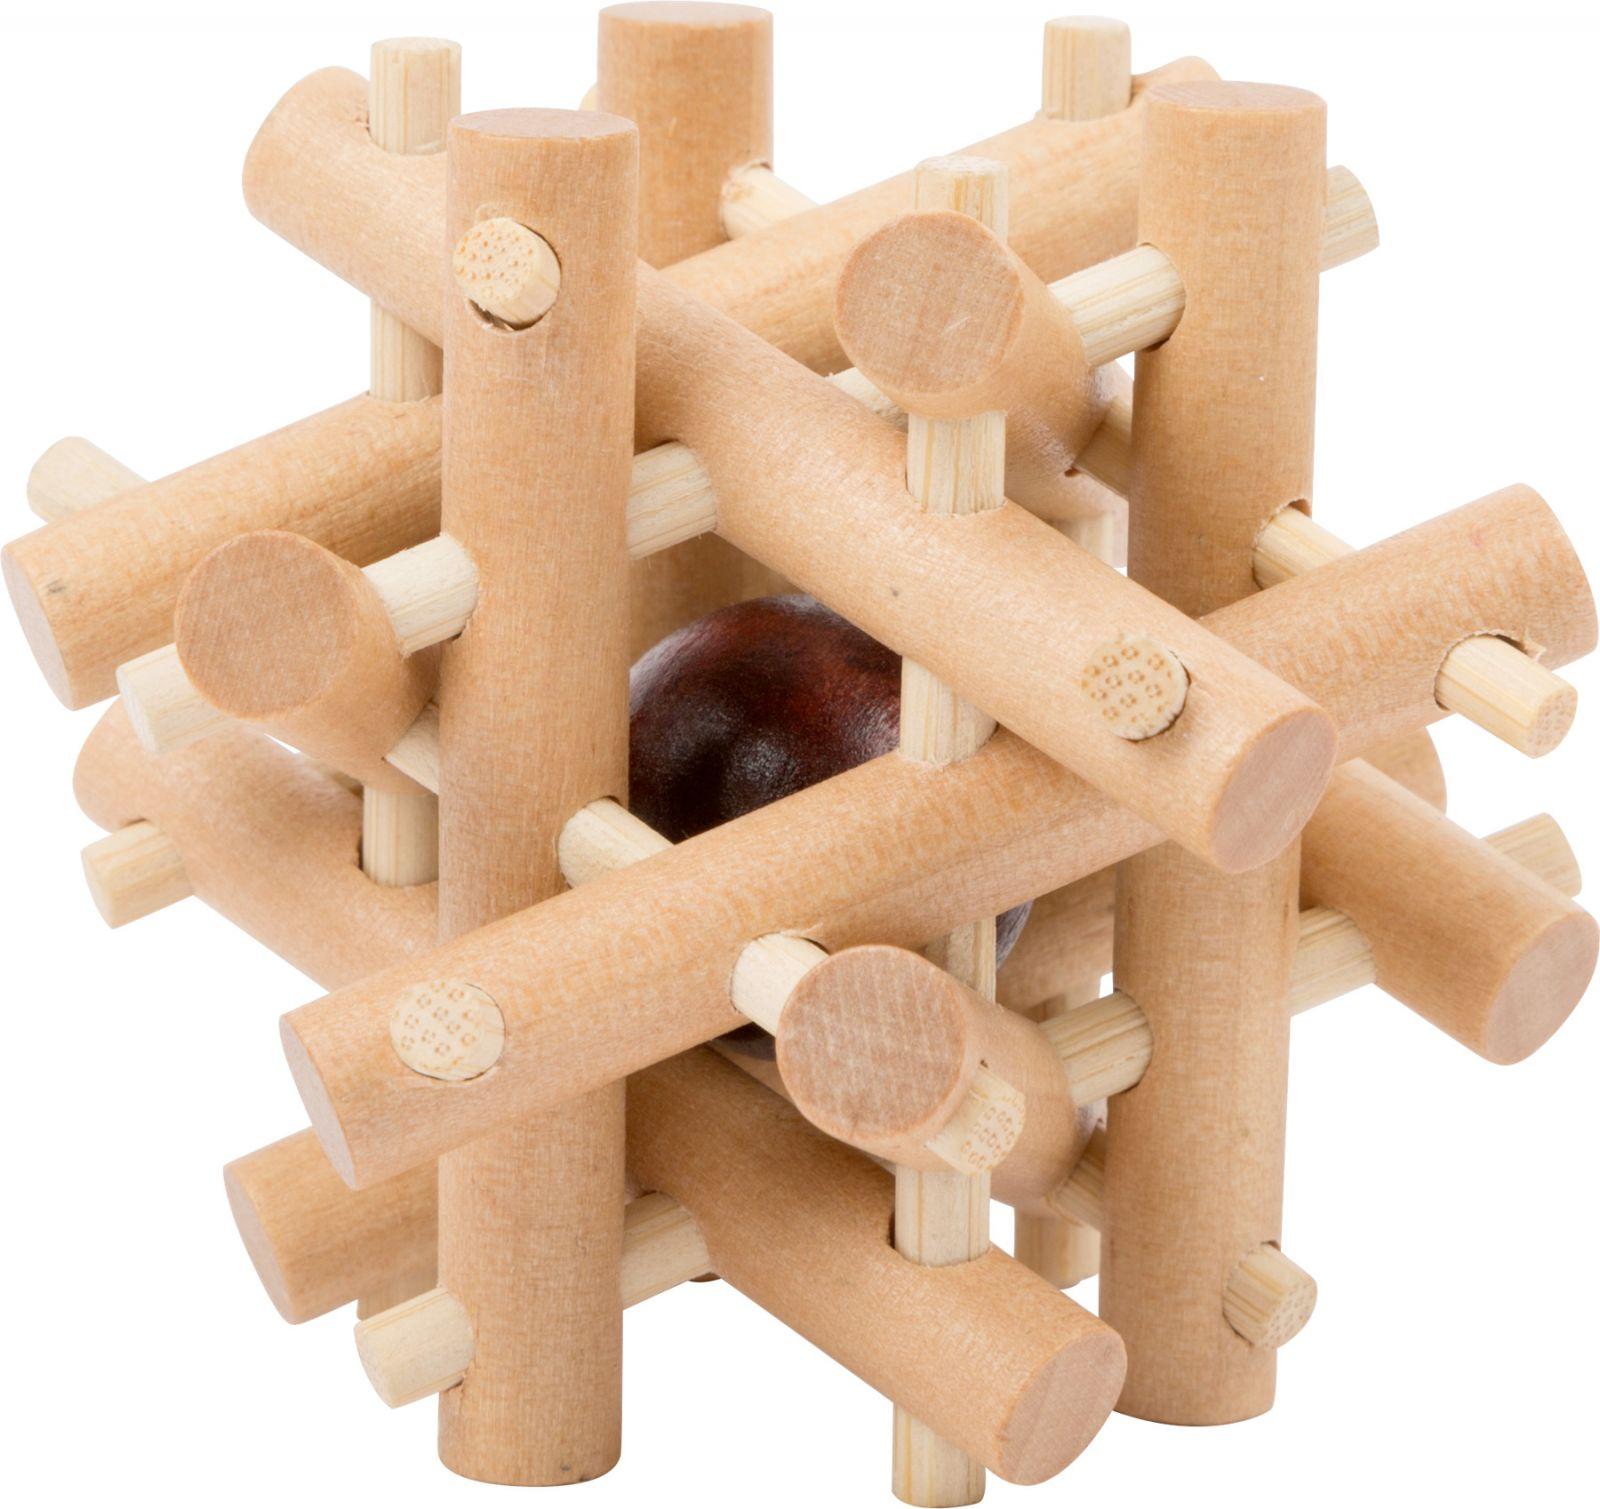 Dřevěné hračky Small Foot Dřevěný hlavolam 1ks číslo 1 Small foot by Legler